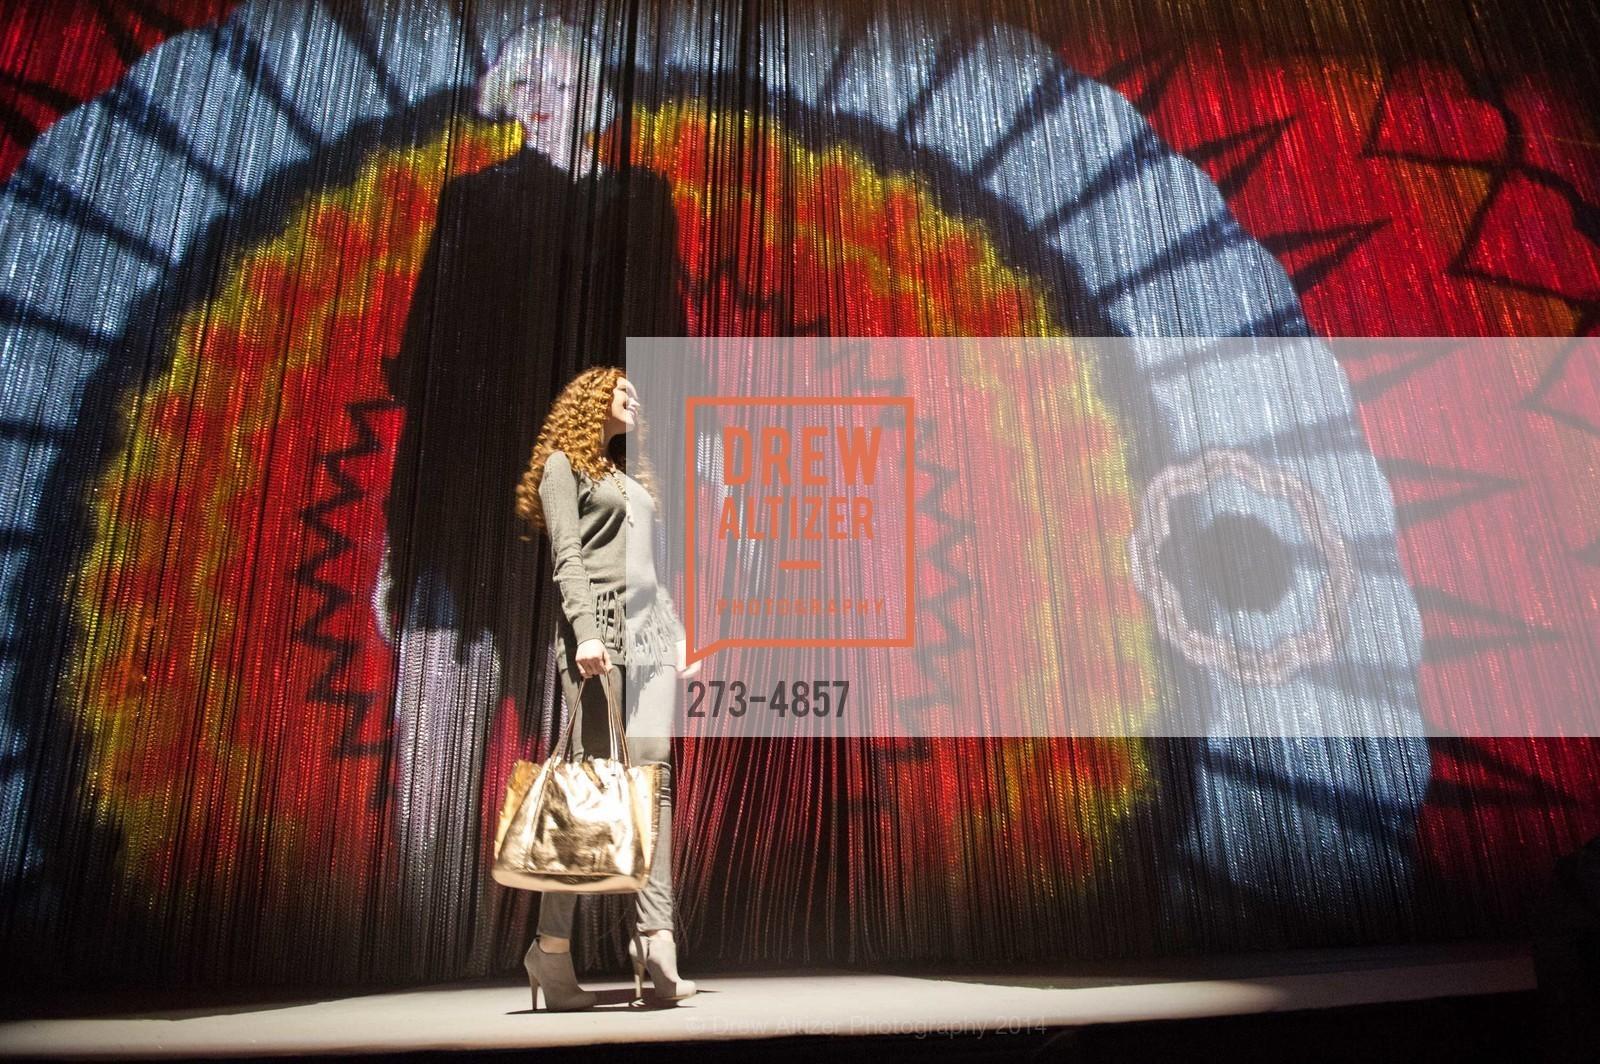 Fashion Show, Photo #273-4857